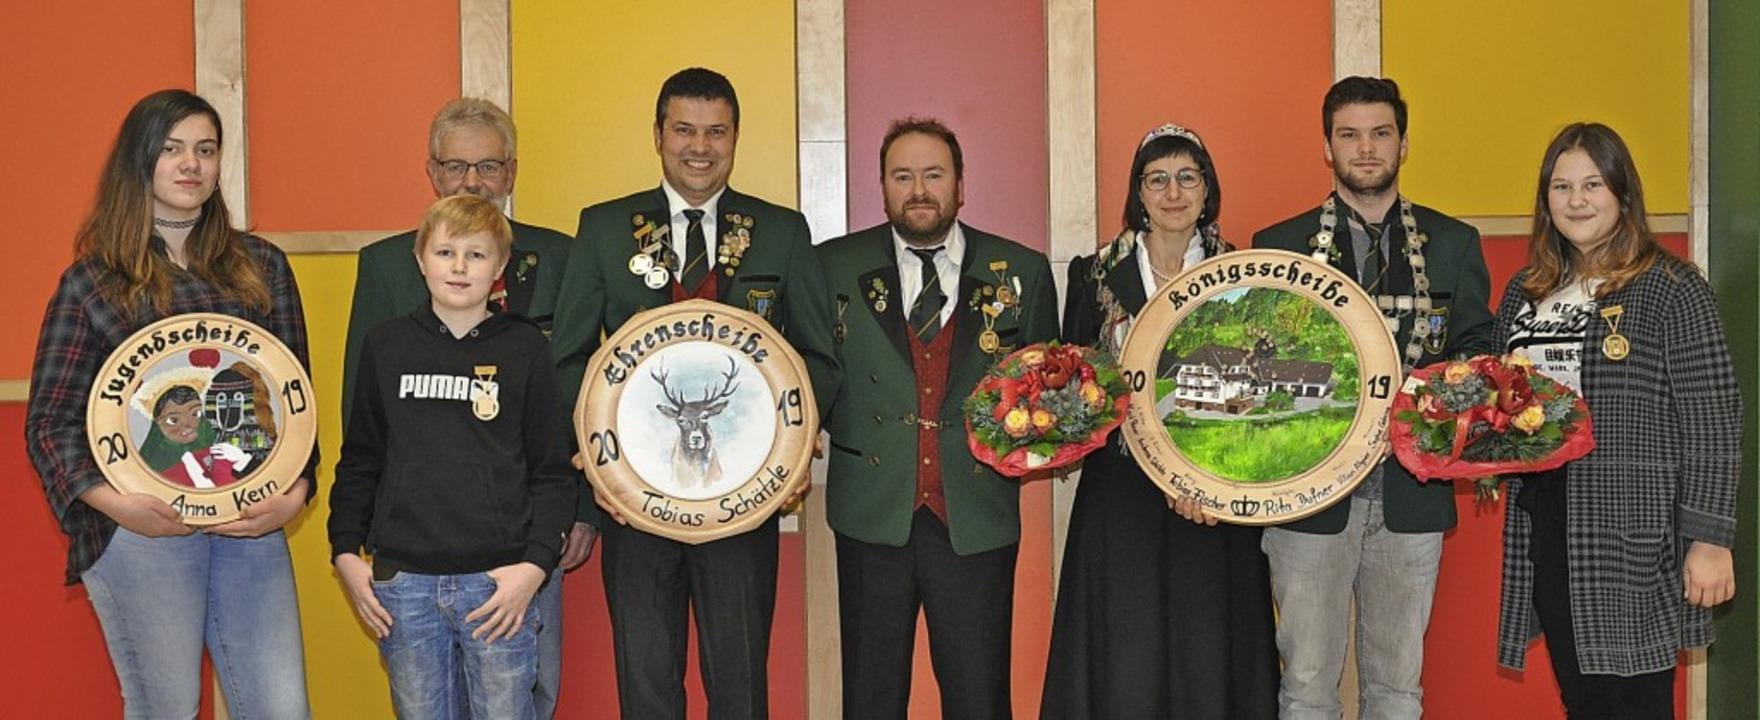 Königsschießen Biederbach: Das sind di...phie Gehring (von links nach rechts).   | Foto: Picasa